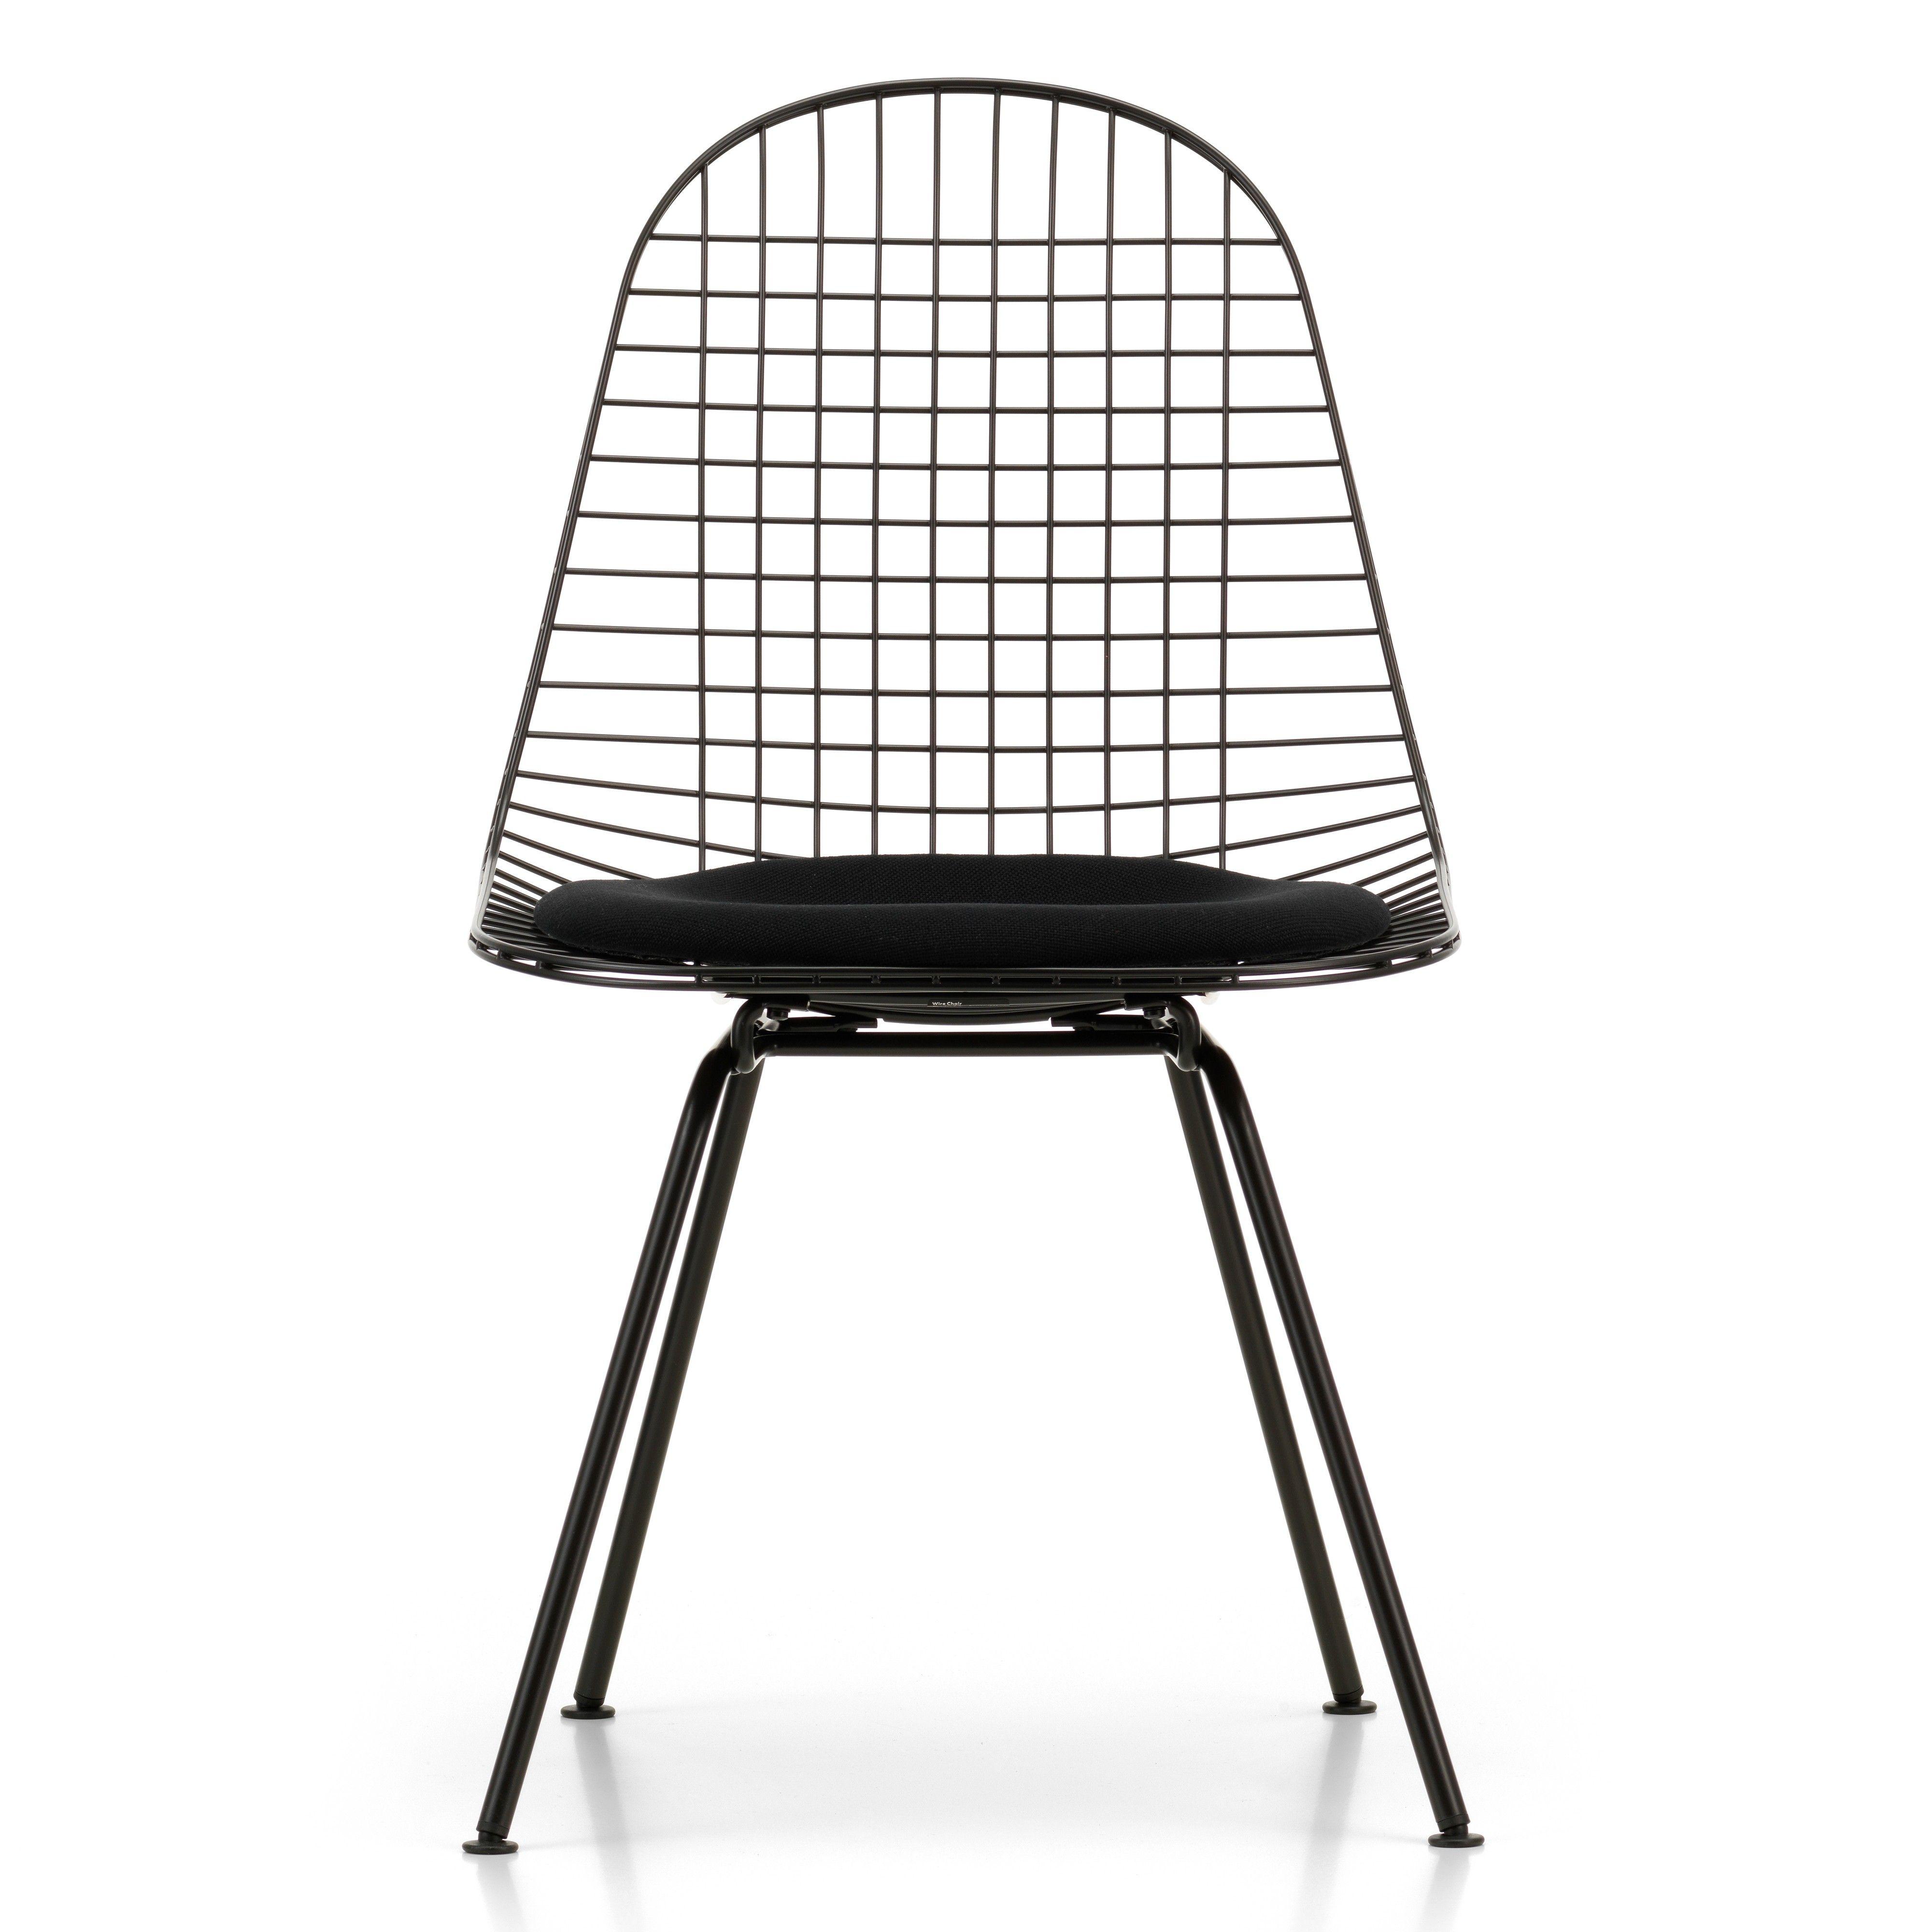 Eames Bureaustoel Vitra.Vitra Eames Wire Chair Dkx 5 Stoel Gepoedercoat Onderstel